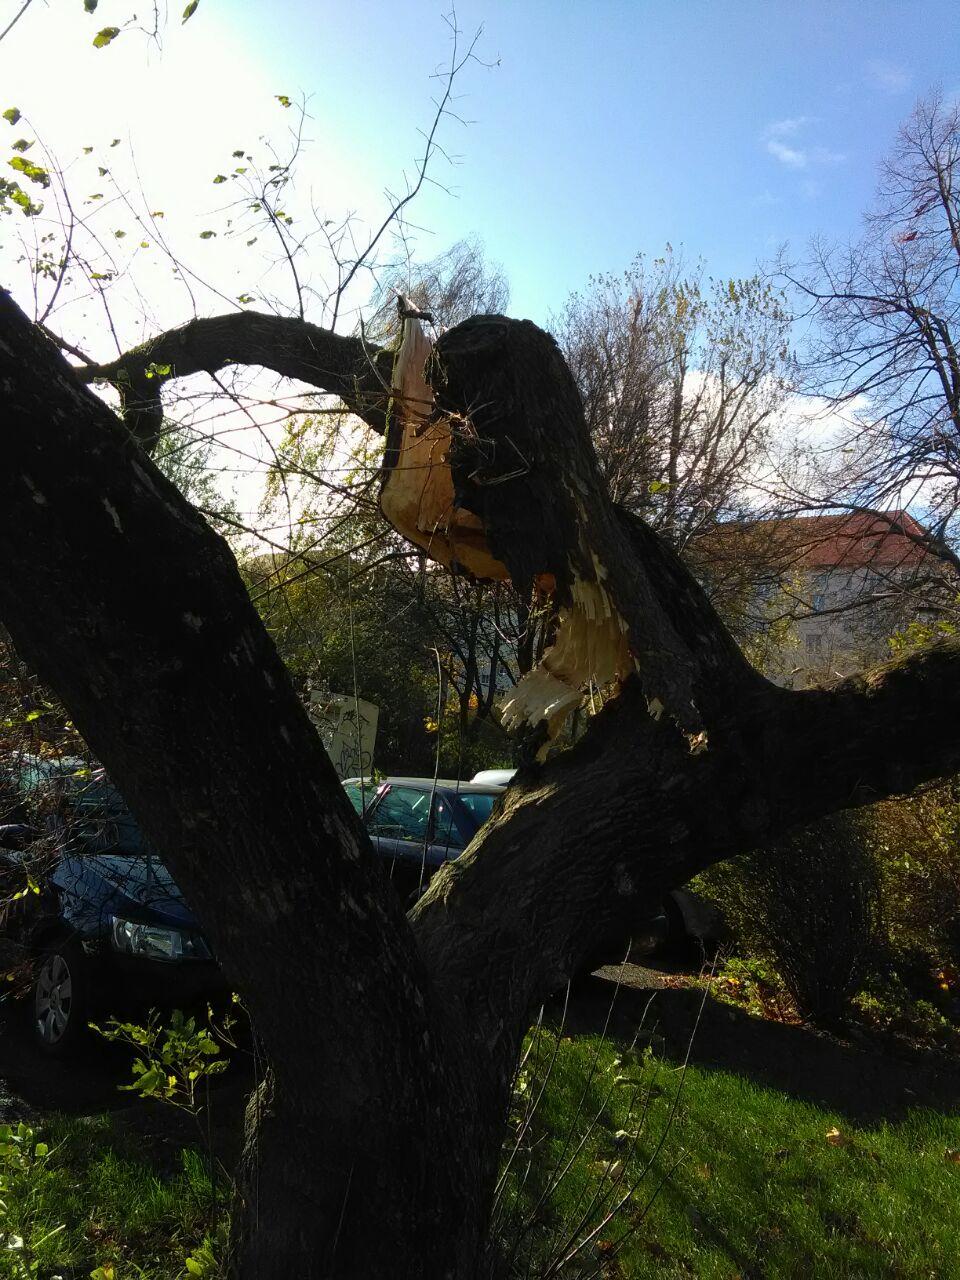 168_TH1_Baum-auf-Pkw